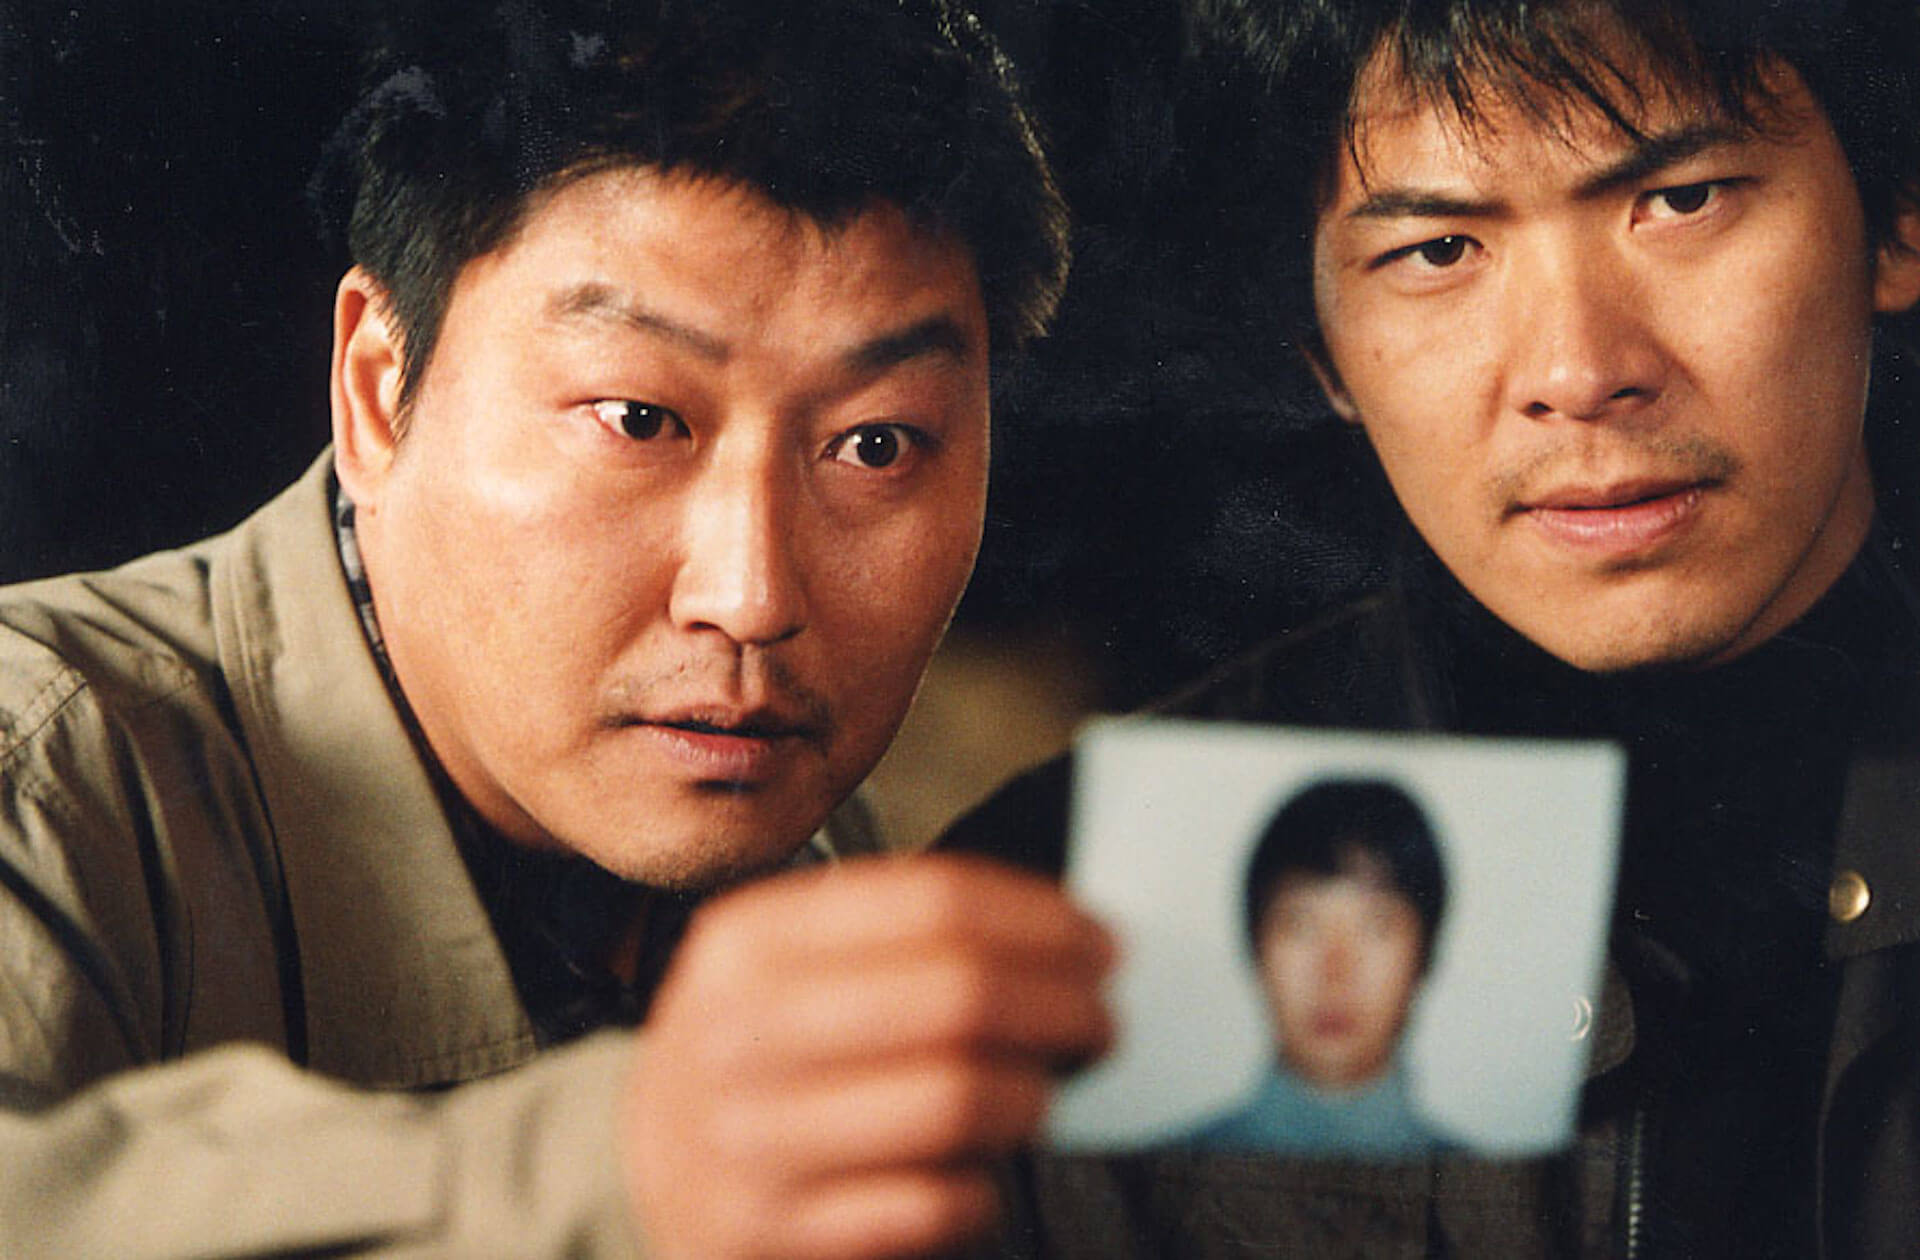 『パラサイト』ポン・ジュノ監督の傑作3選がBlu-rayに!『殺人の追憶』『母なる証明』『ほえる犬は噛まない』収録BOXが登場 film200528_ponjuno_bluray_02